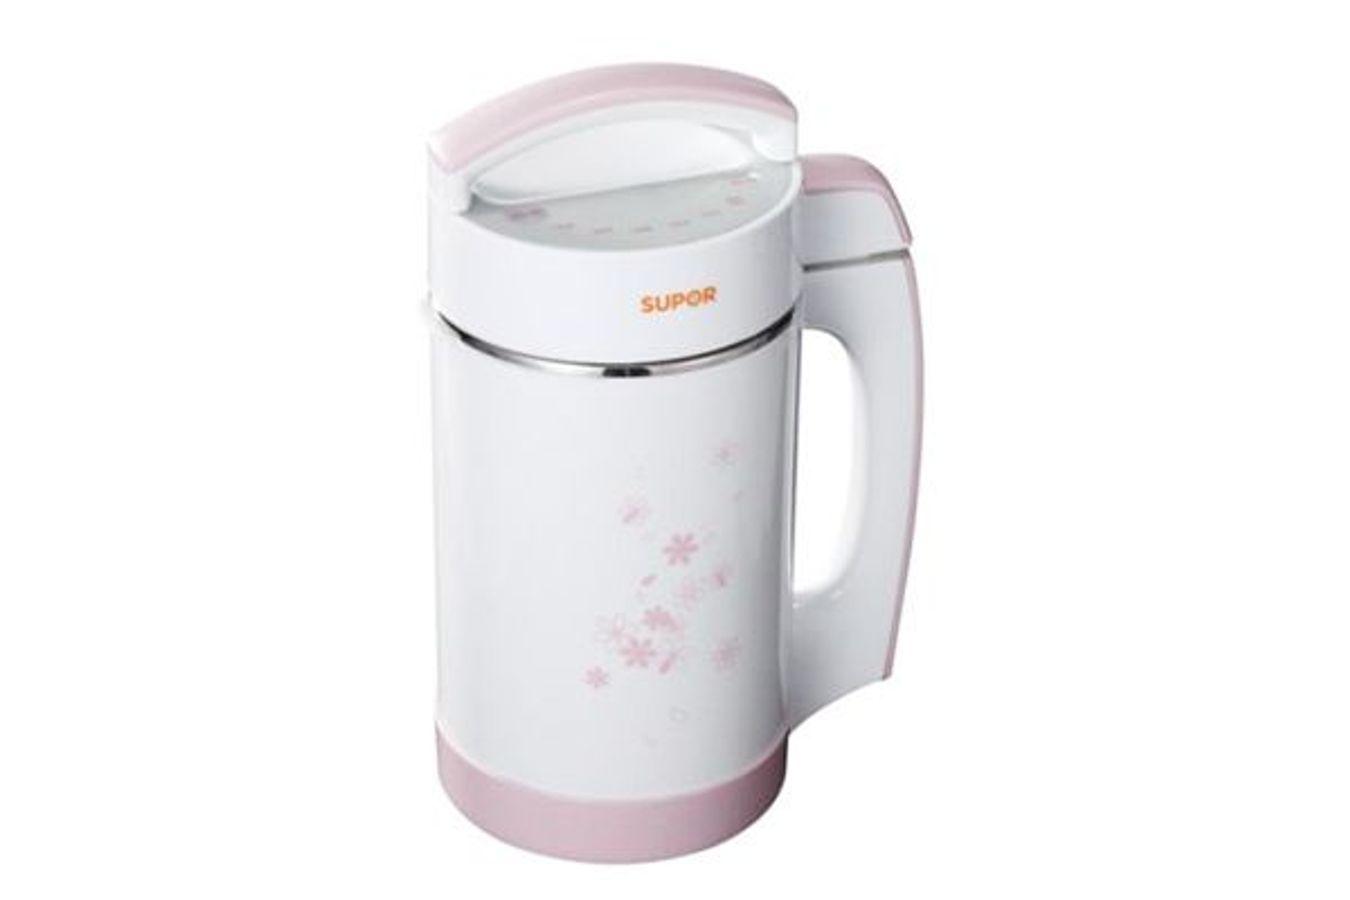 Máy Làm Sữa Đậu Nành Đa Năng Supor DJ16B-W41GVN